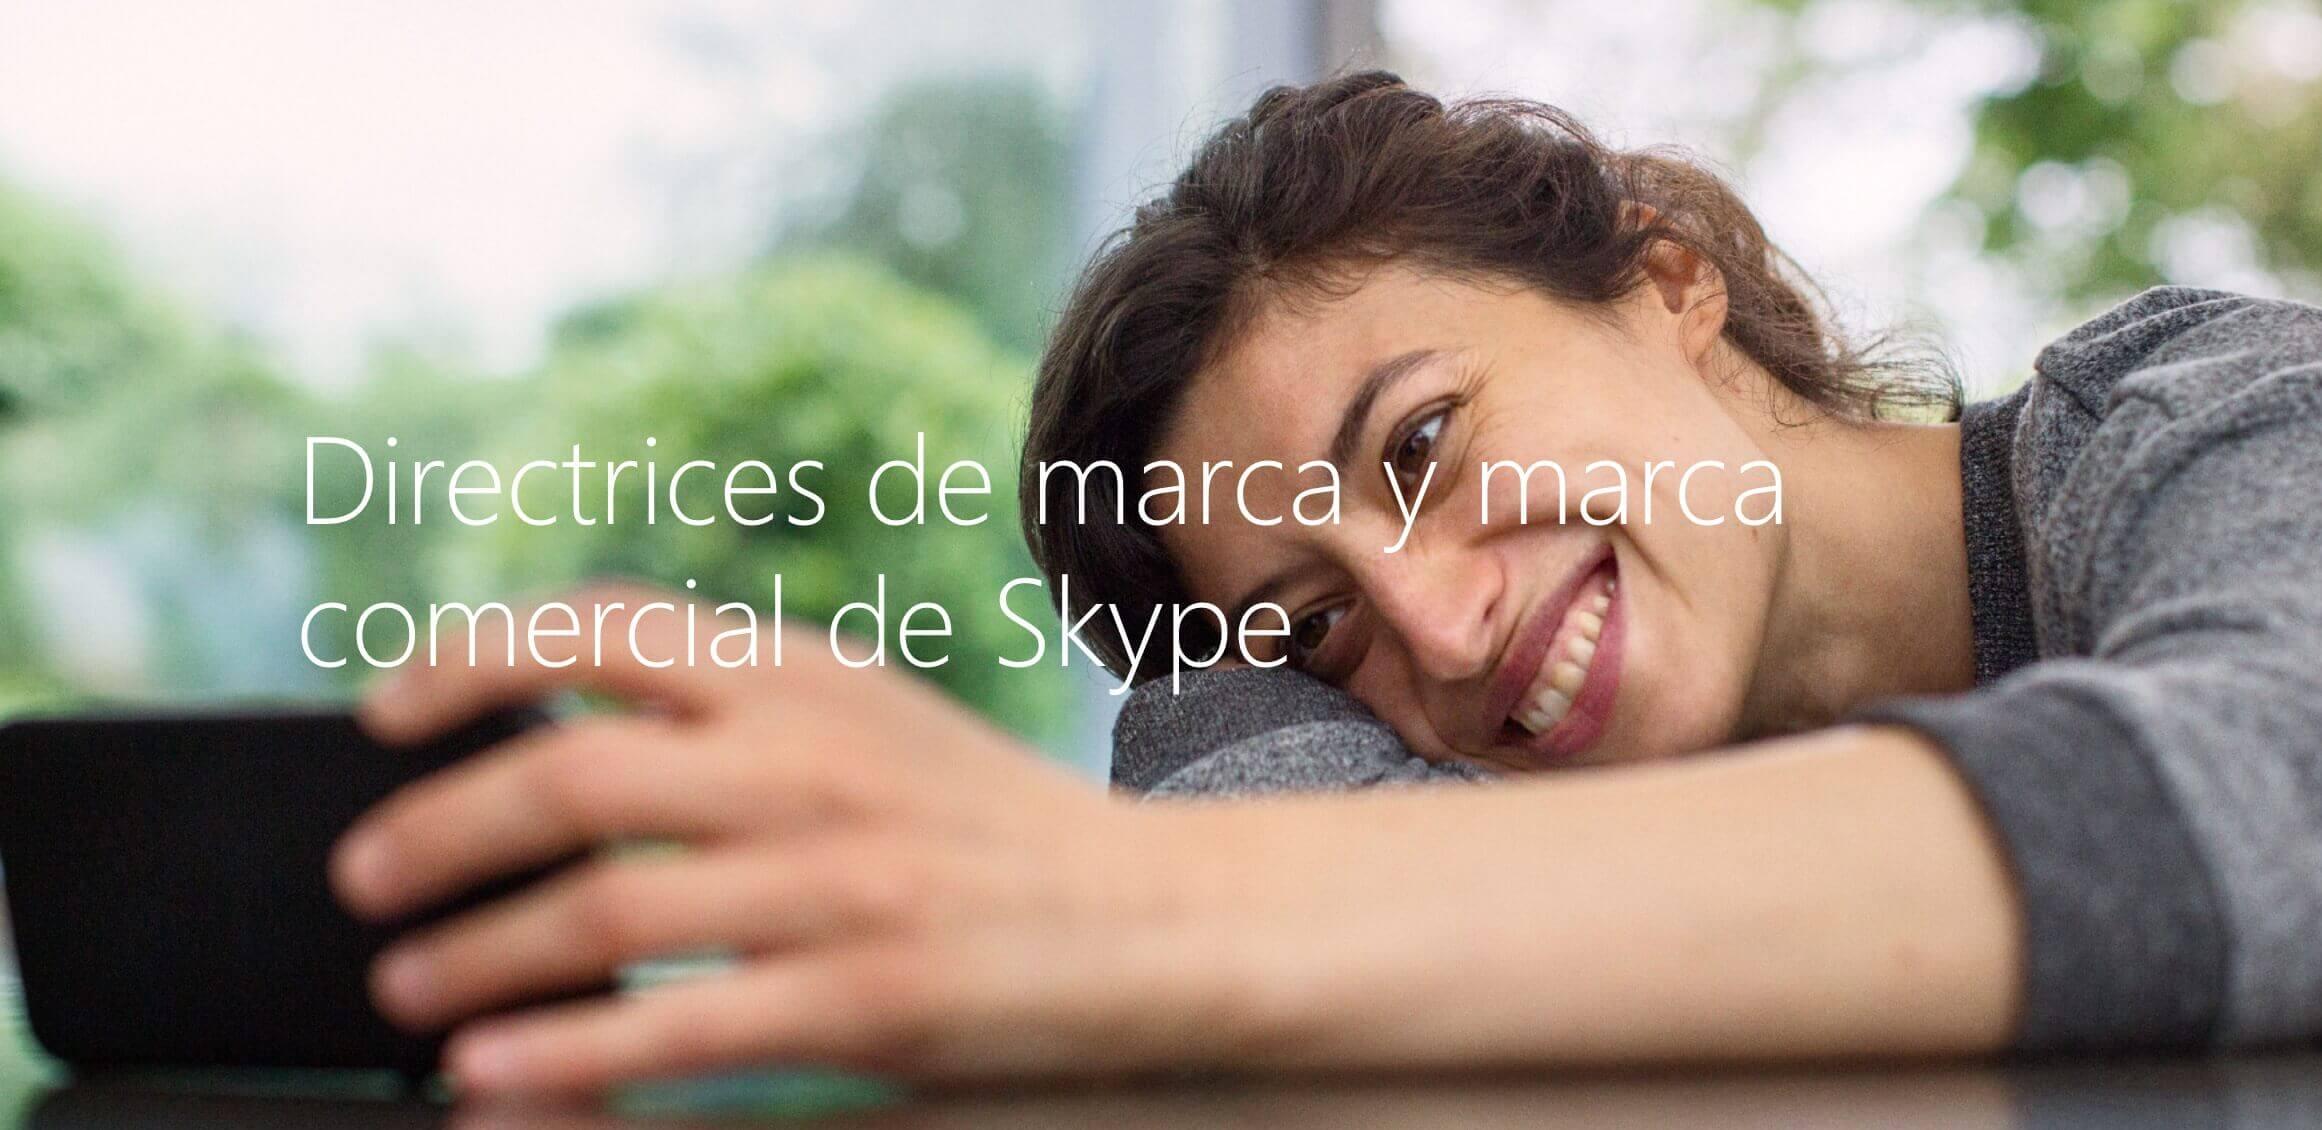 Skype, ejemplo de identidad de marca